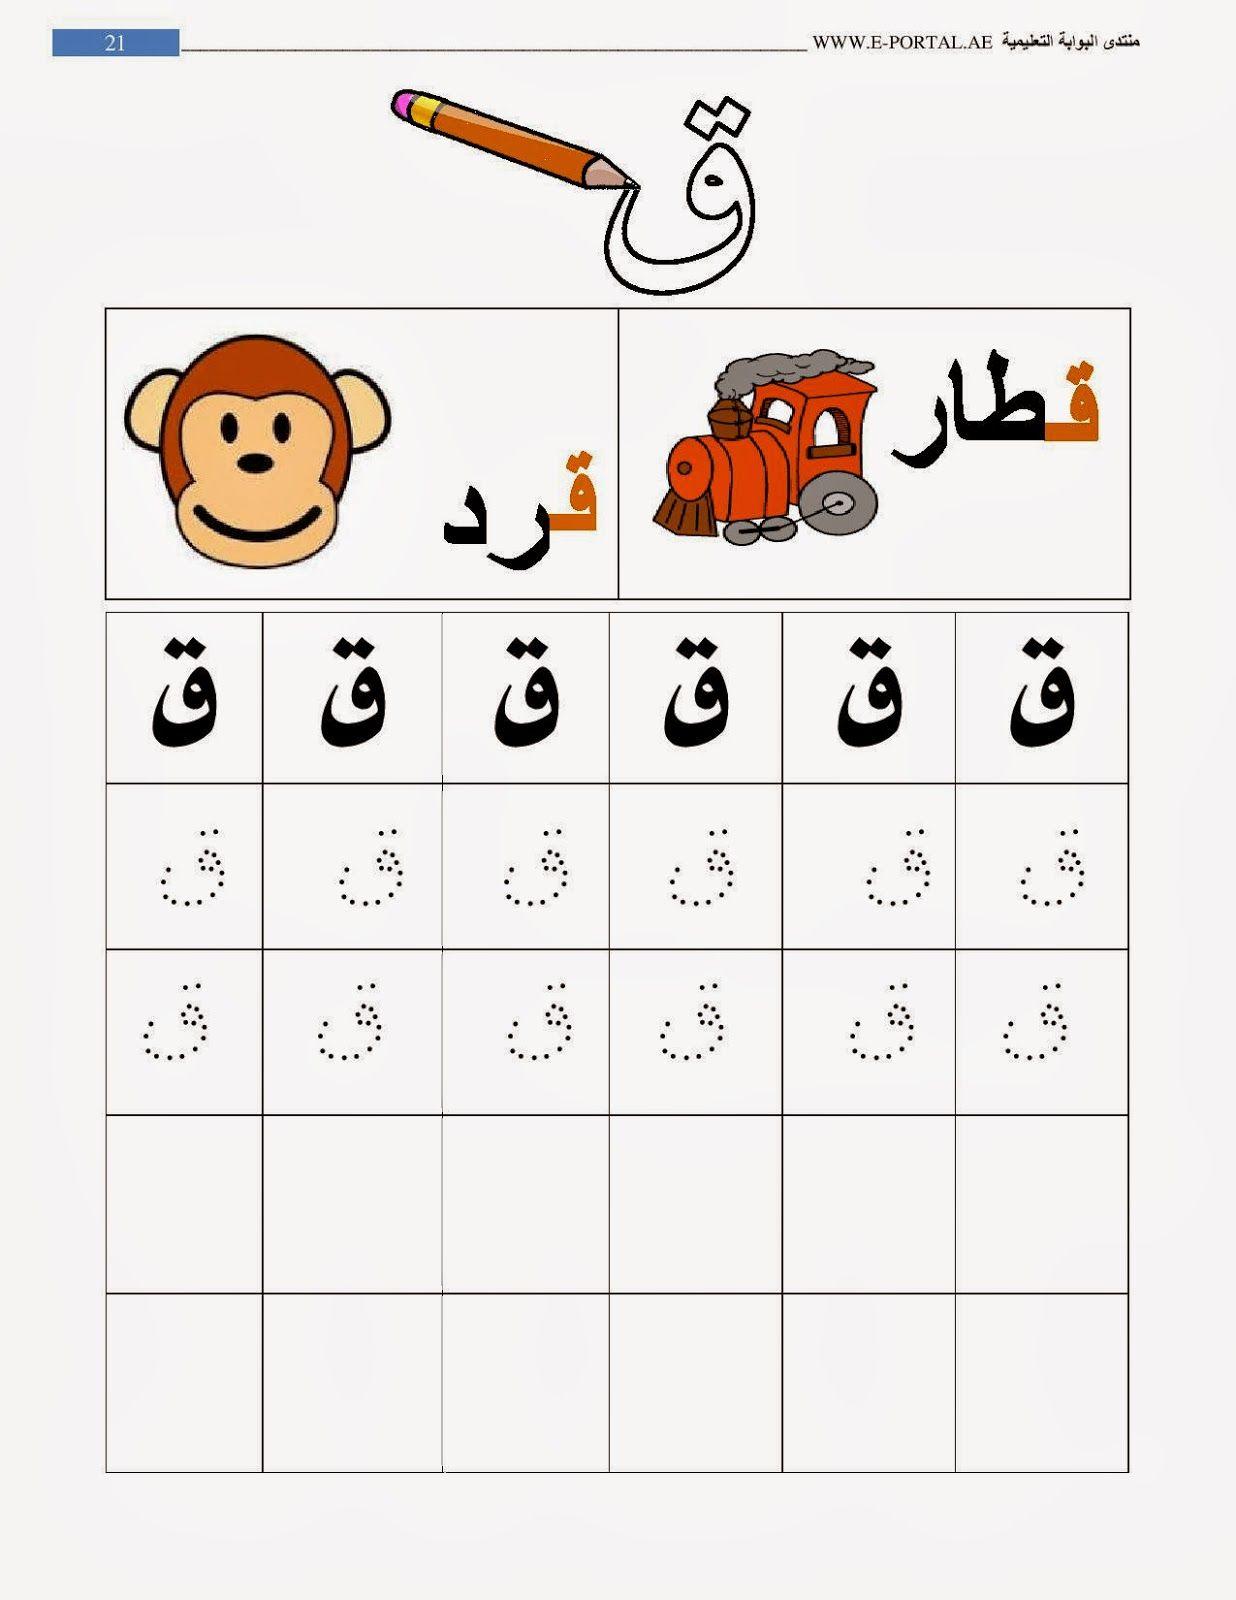 روضة العلم للاطفال كراسة حروف الهجاء Arabic Alphabet For Kids Arabic Alphabet Learn Arabic Alphabet